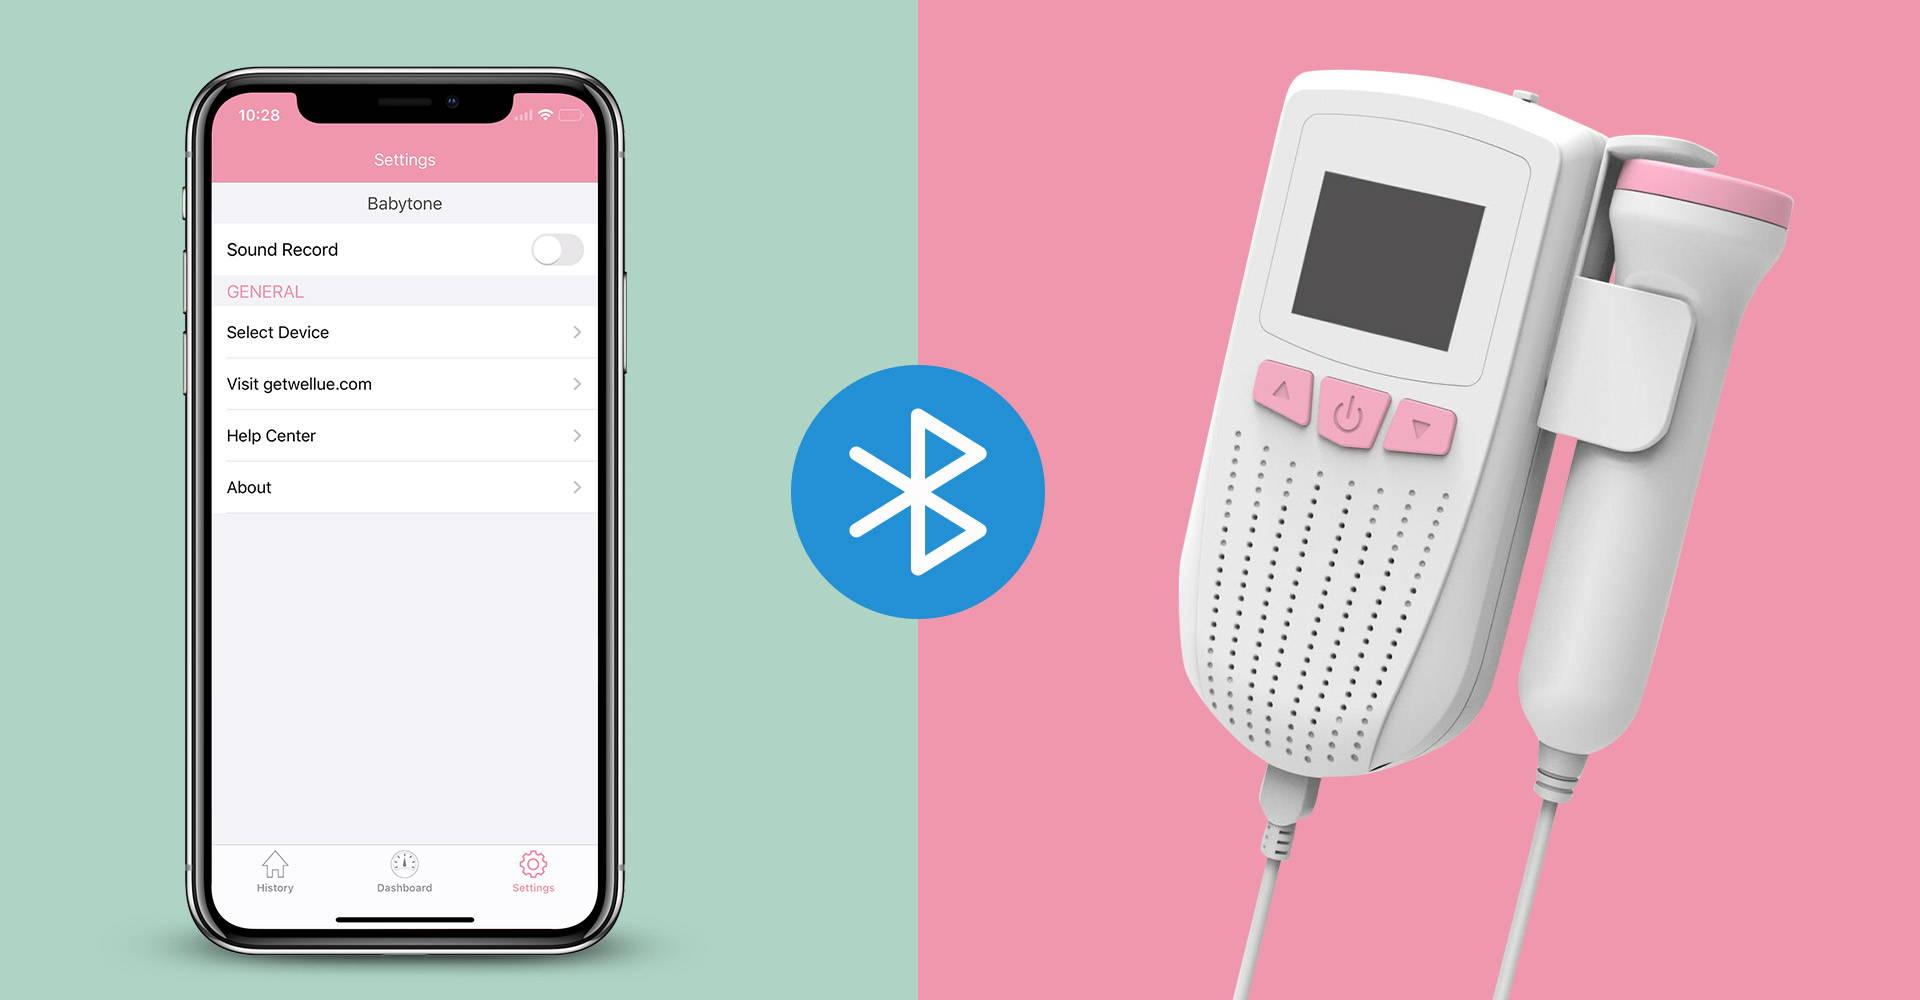 Koppeln Sie Babytone mit der APP über Bluetooth